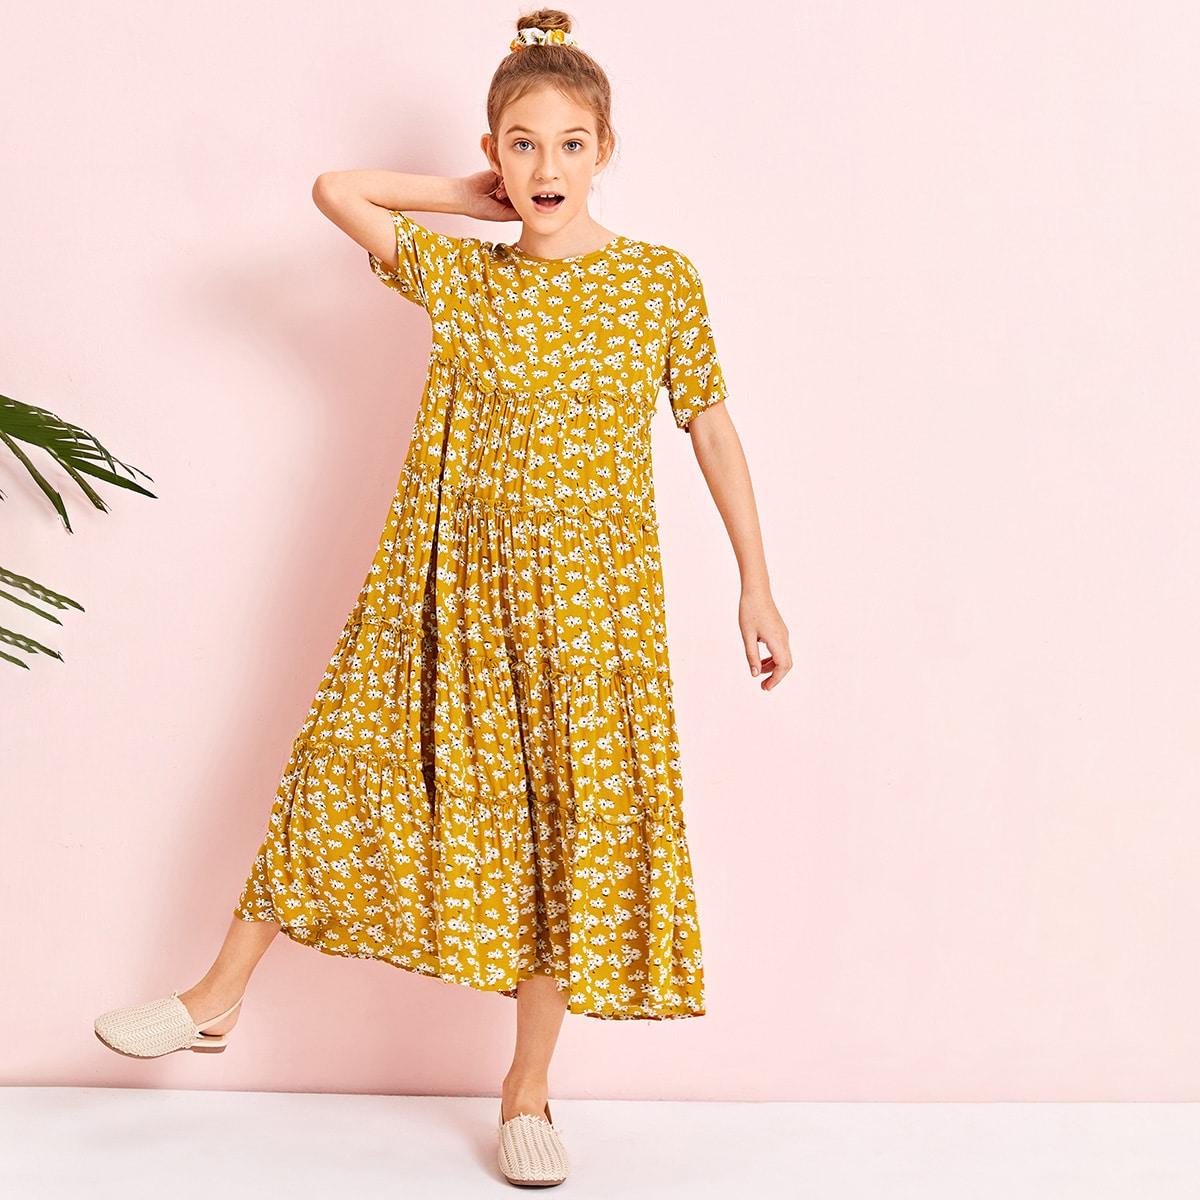 Платье с цветочным принтом для девочек фото